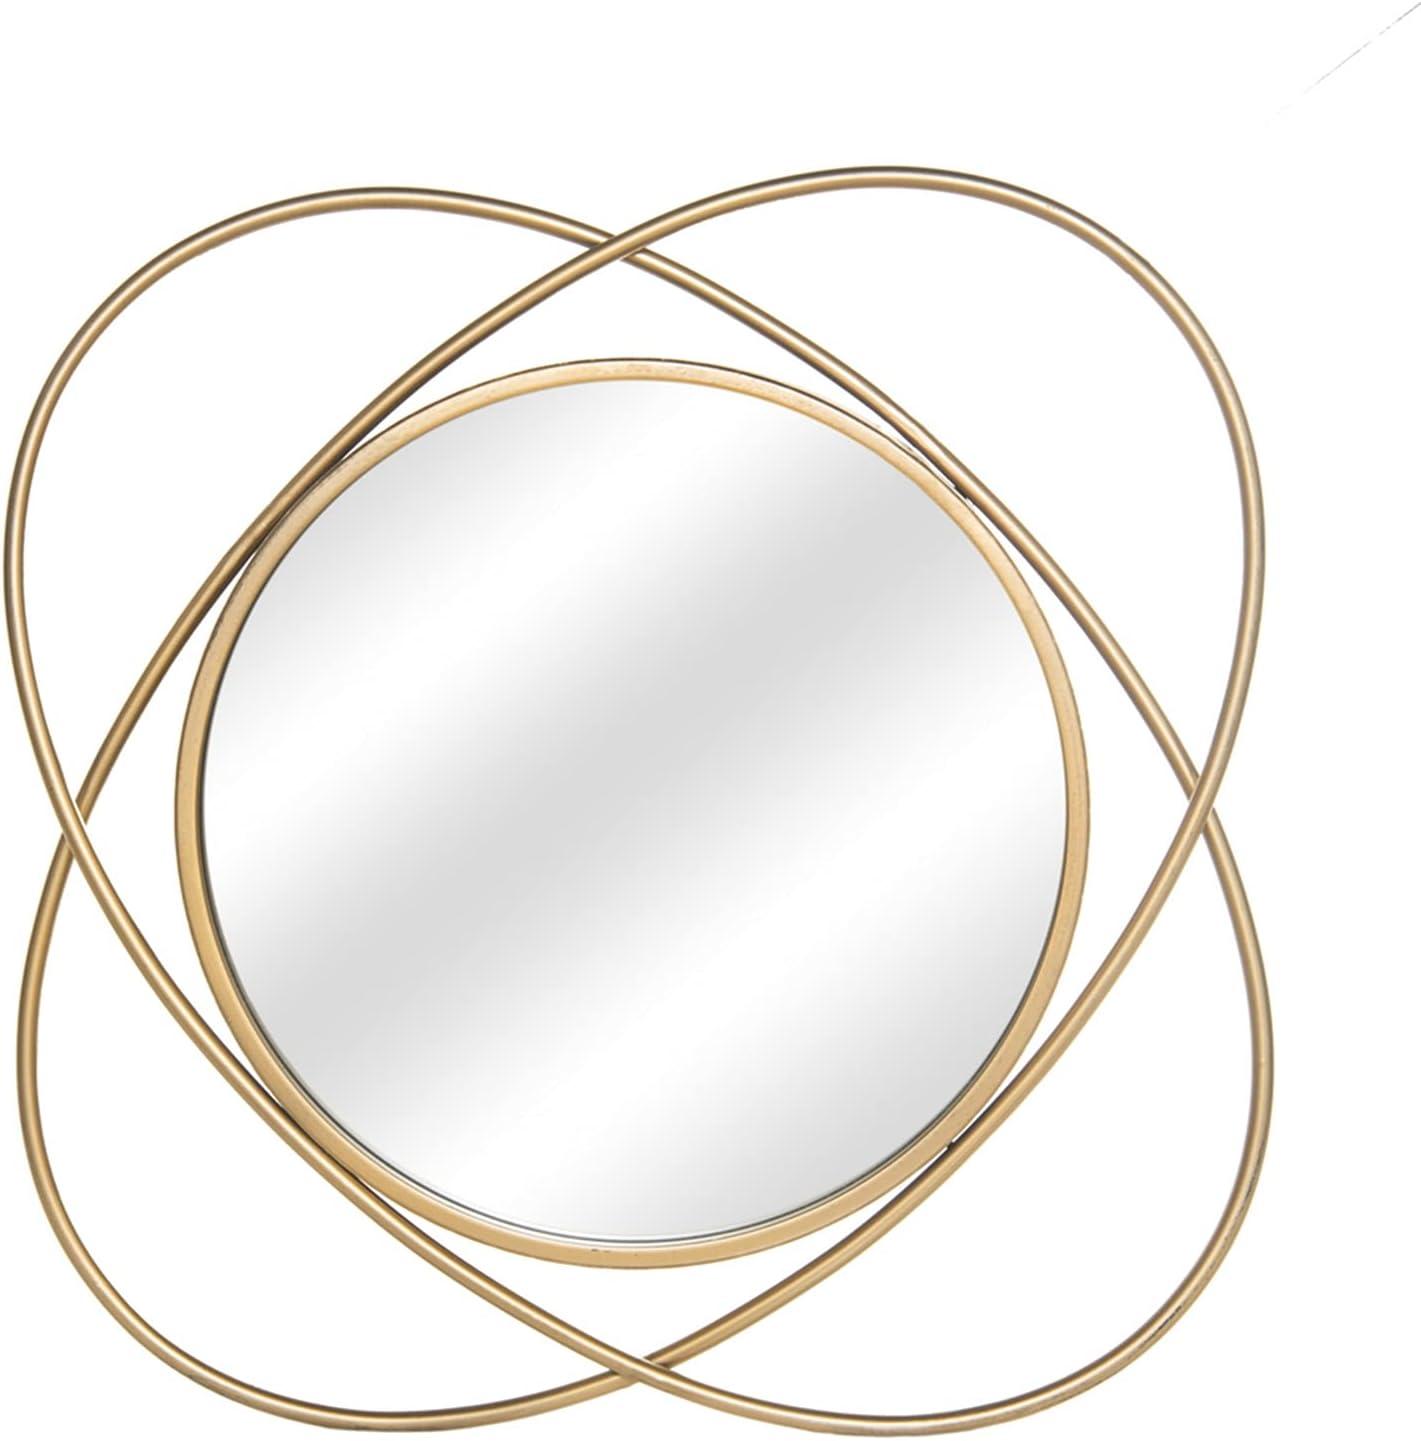 JASOYA gt5-kj Mirror Max Direct store 56% OFF Decorative Iron Wall